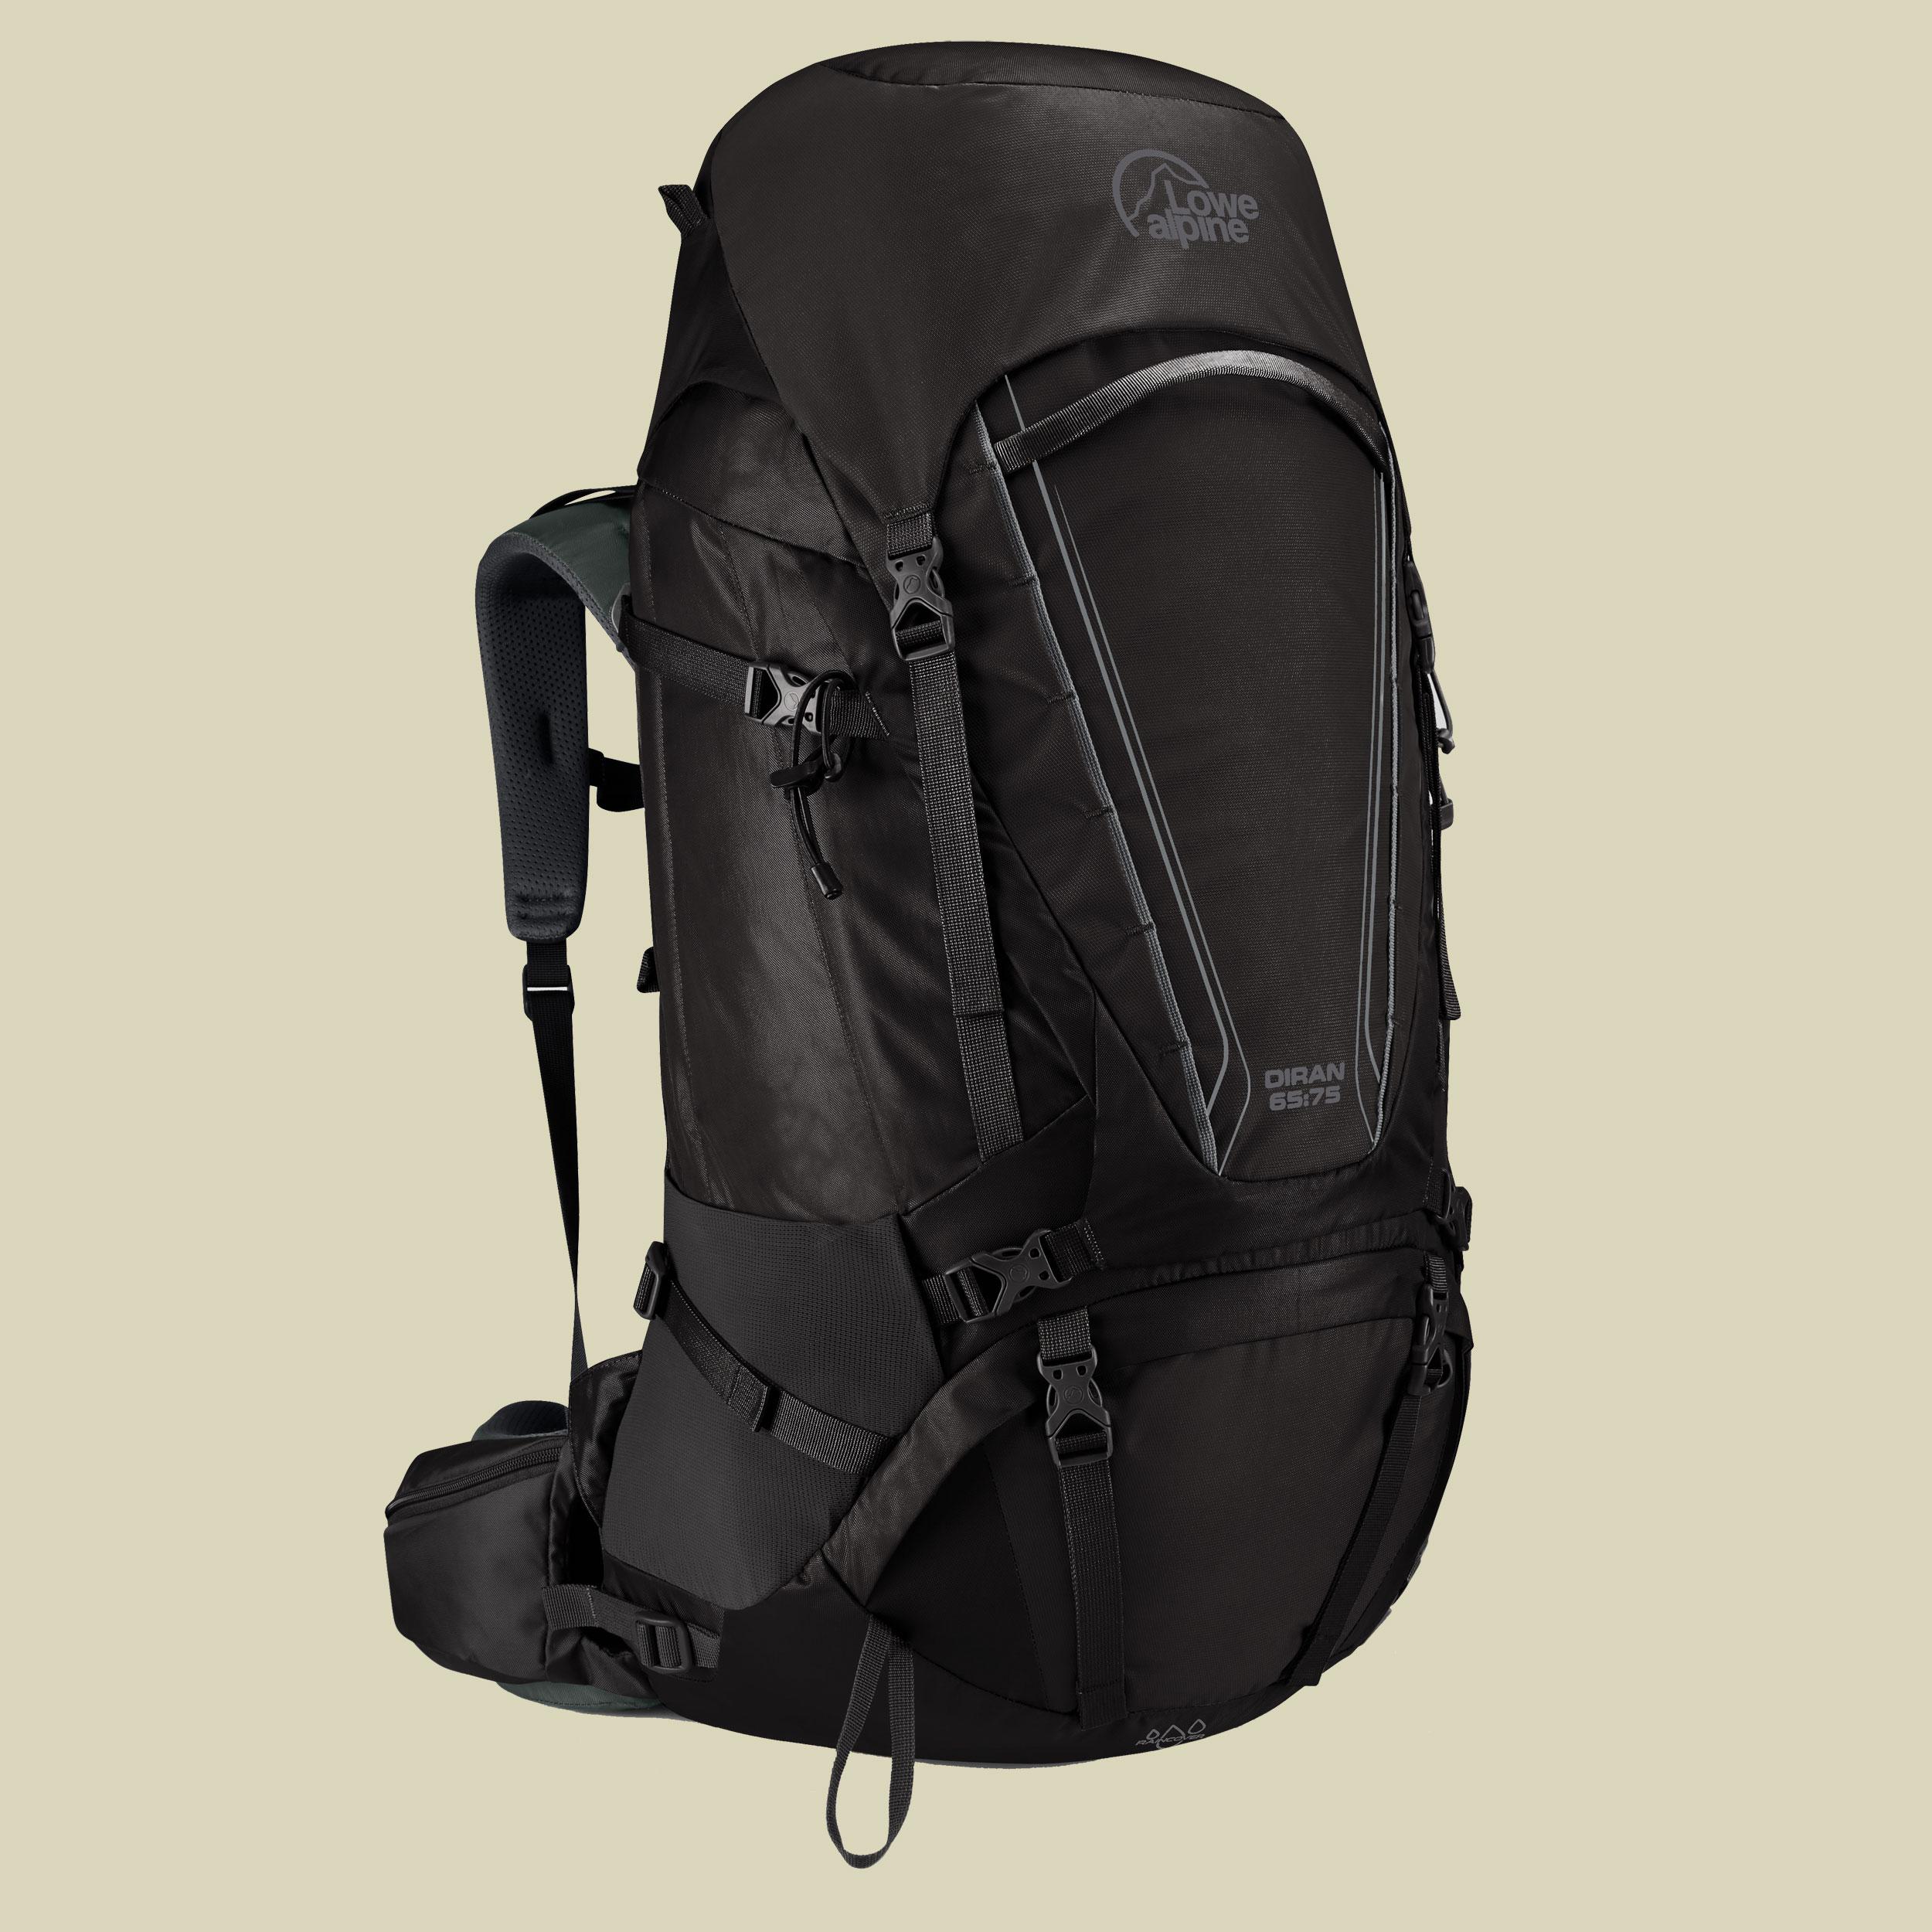 Lowe Alpine Diran 65:75 Trekkingrucksack Volumen 65 L + 10 L (Rückenlänge L/XL) anthracite/grey